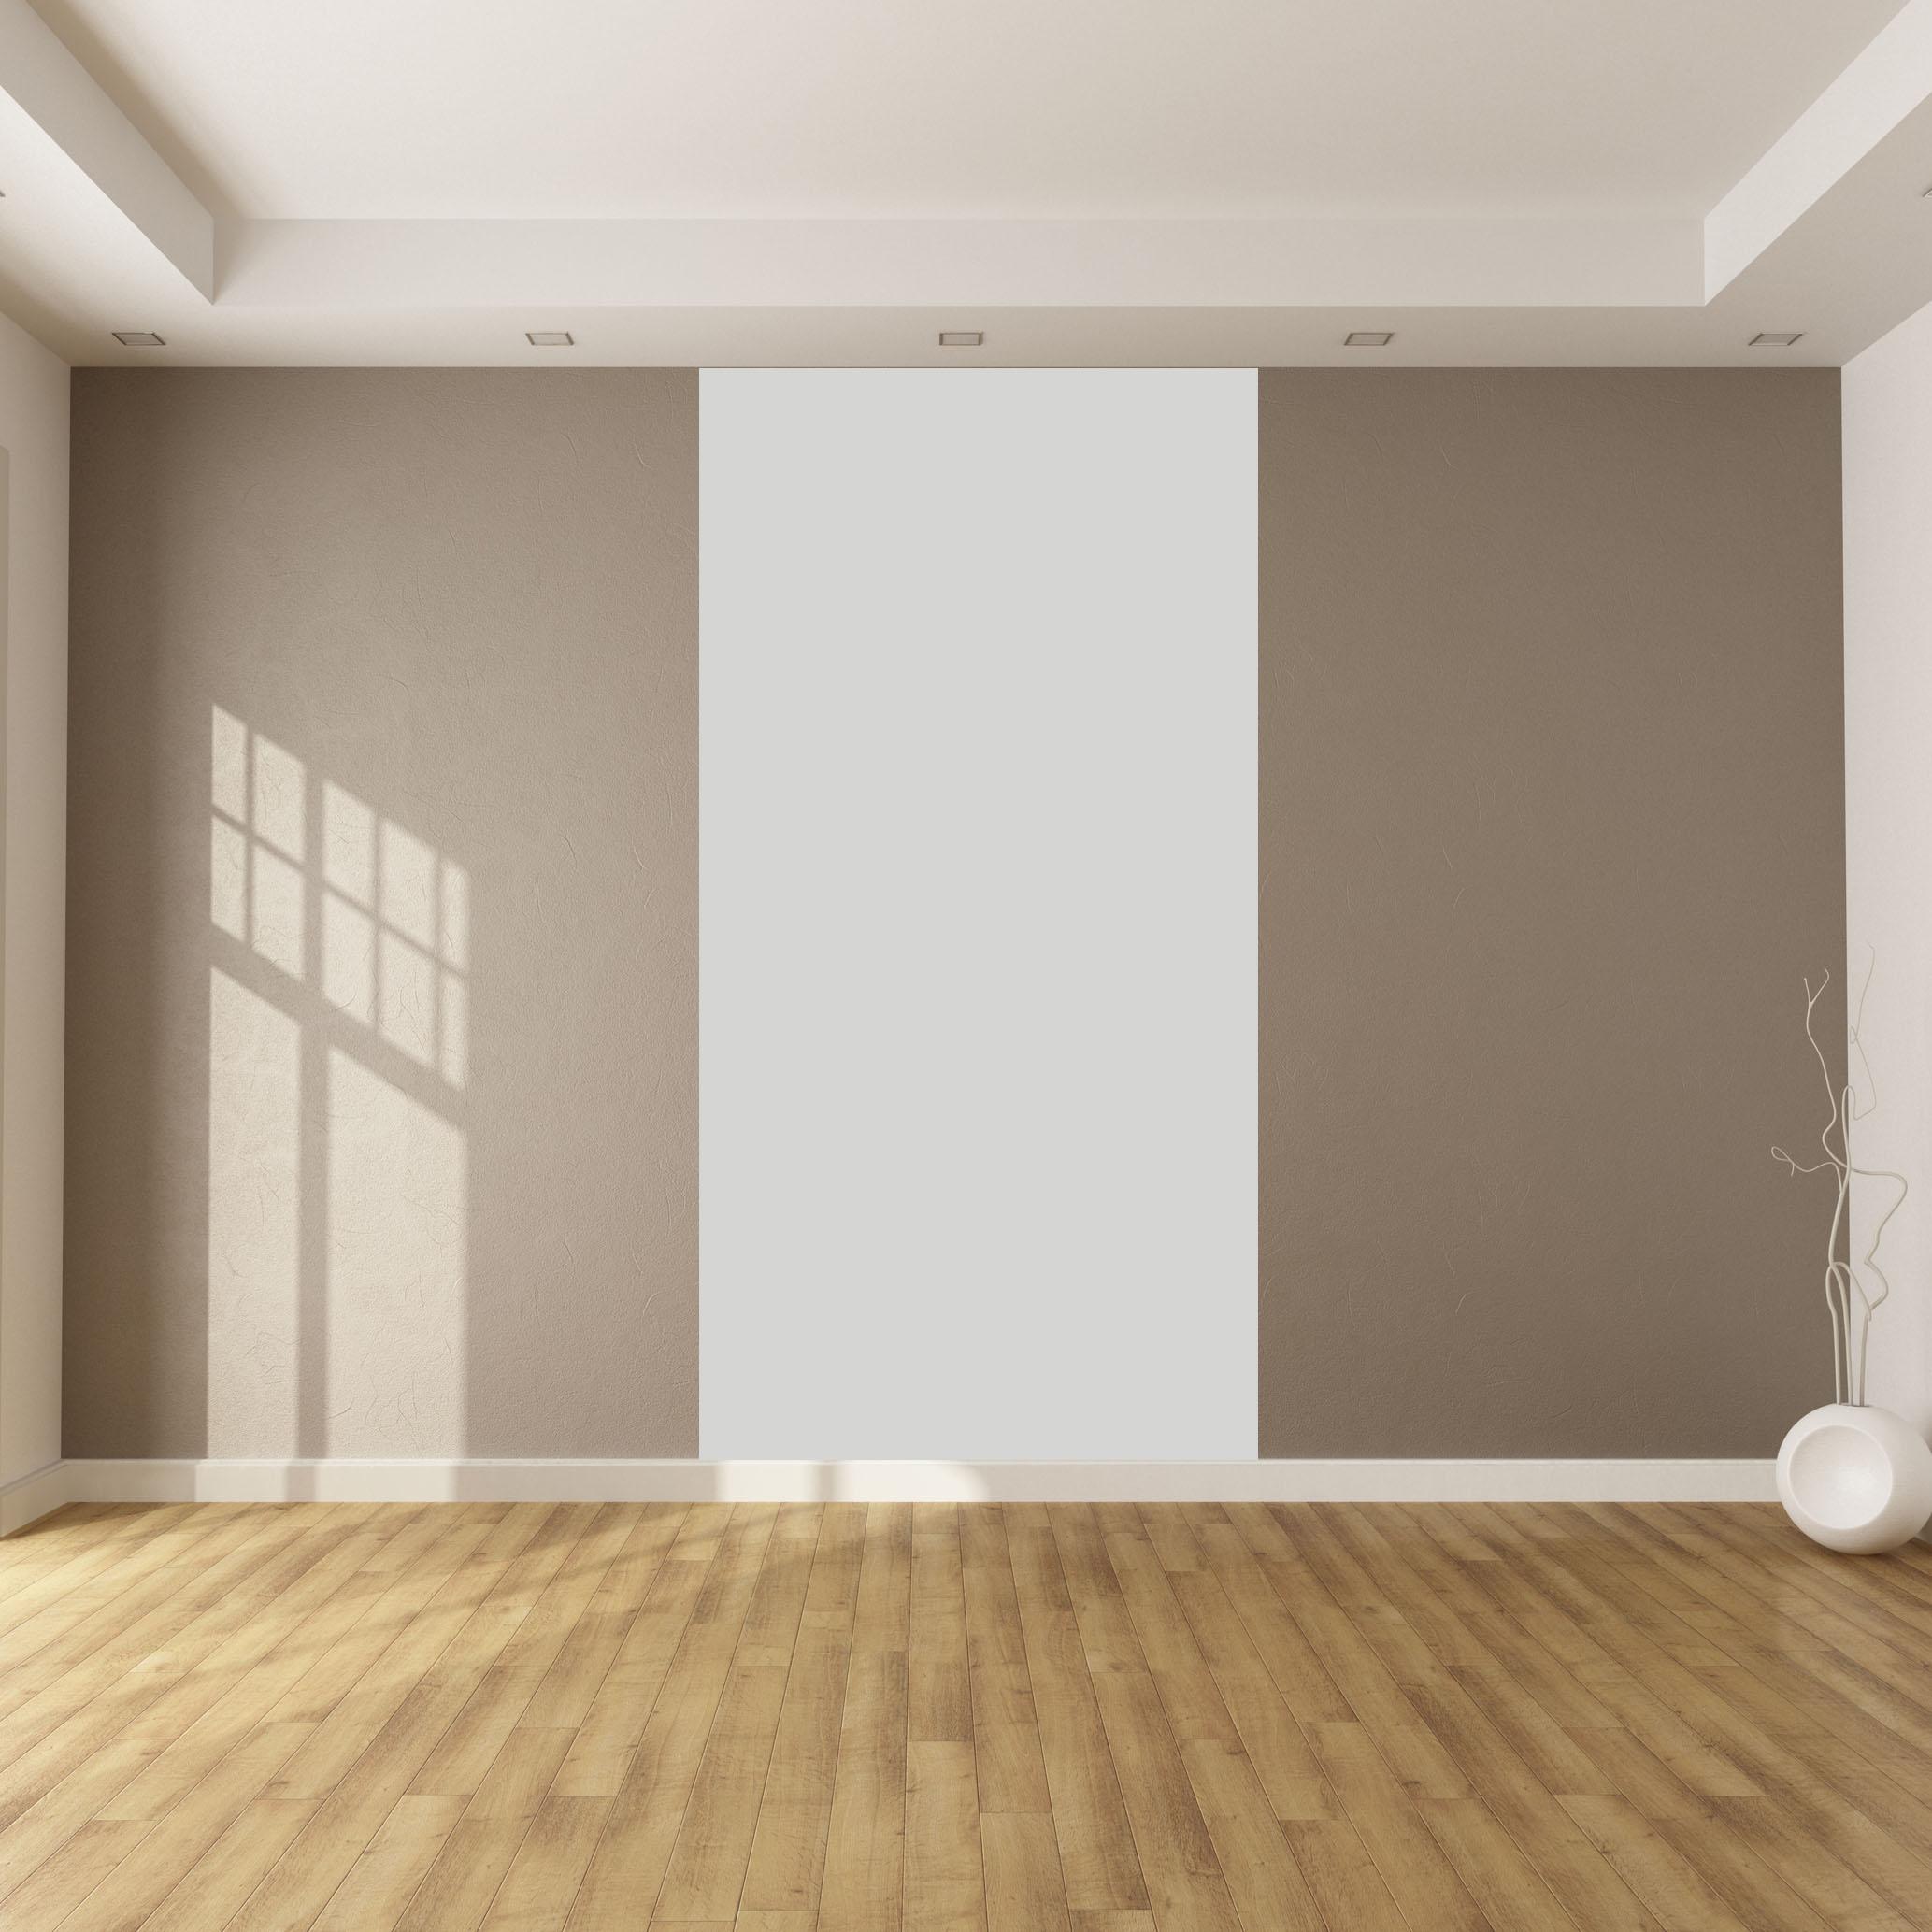 Colore Pareti Grigio Chiaro : Adesivi follia adesivo murale metro colore grigio chiaro